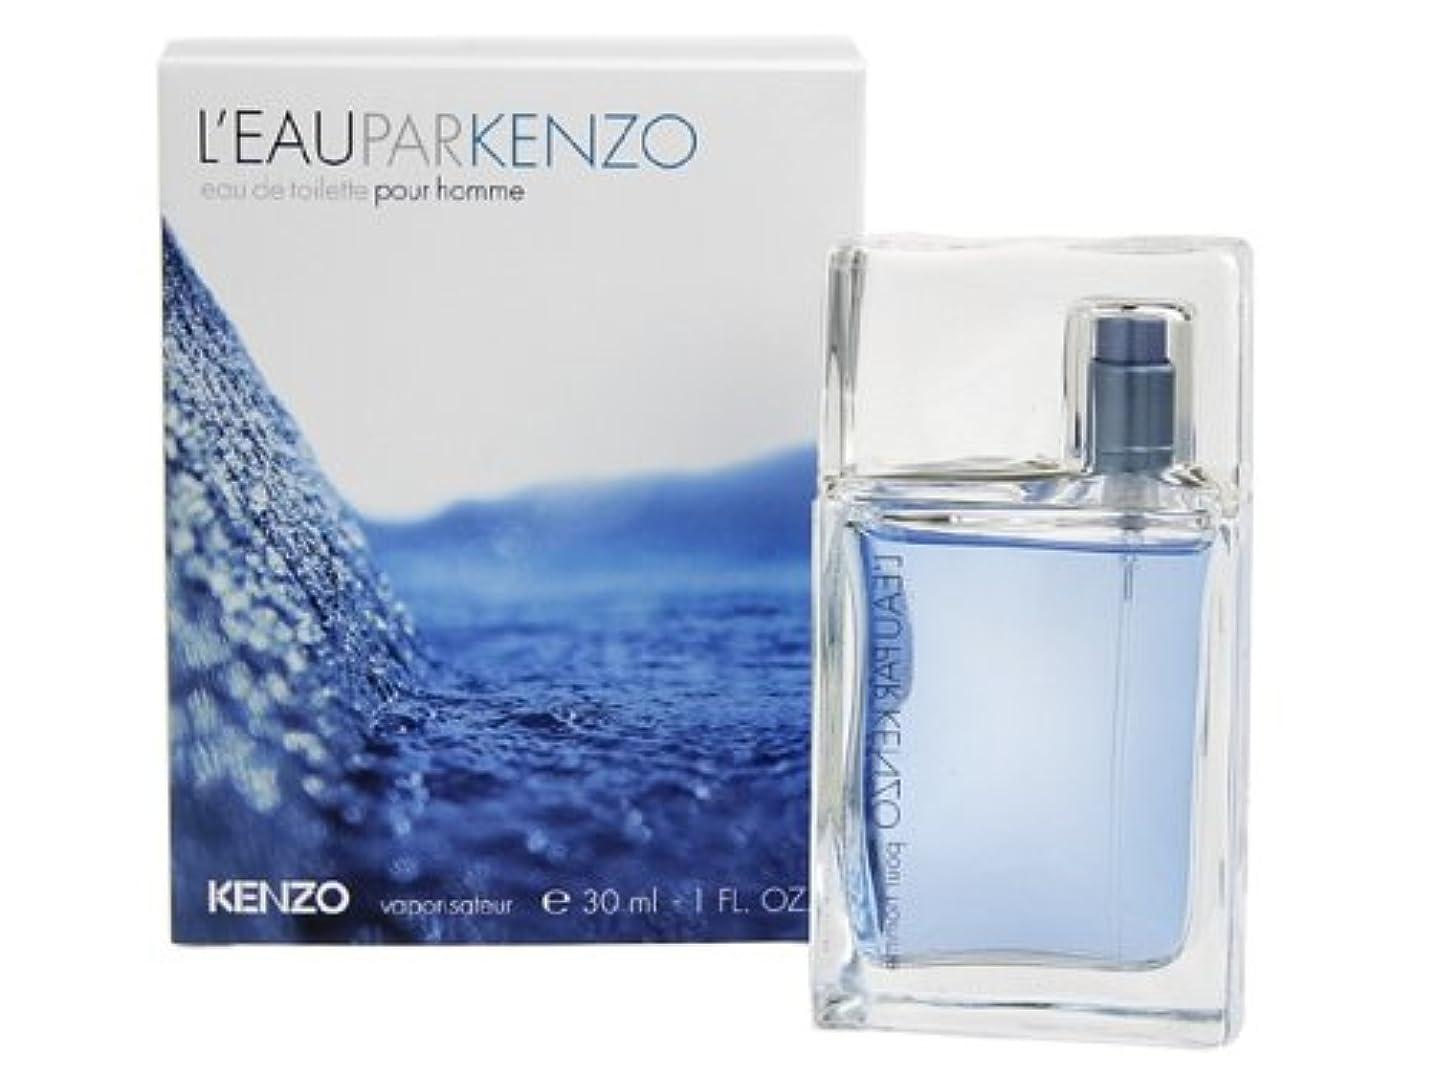 しみトリップ雪のローパケンゾープールオム30mlオードトワレスプレー[ケンゾー][KENZO]